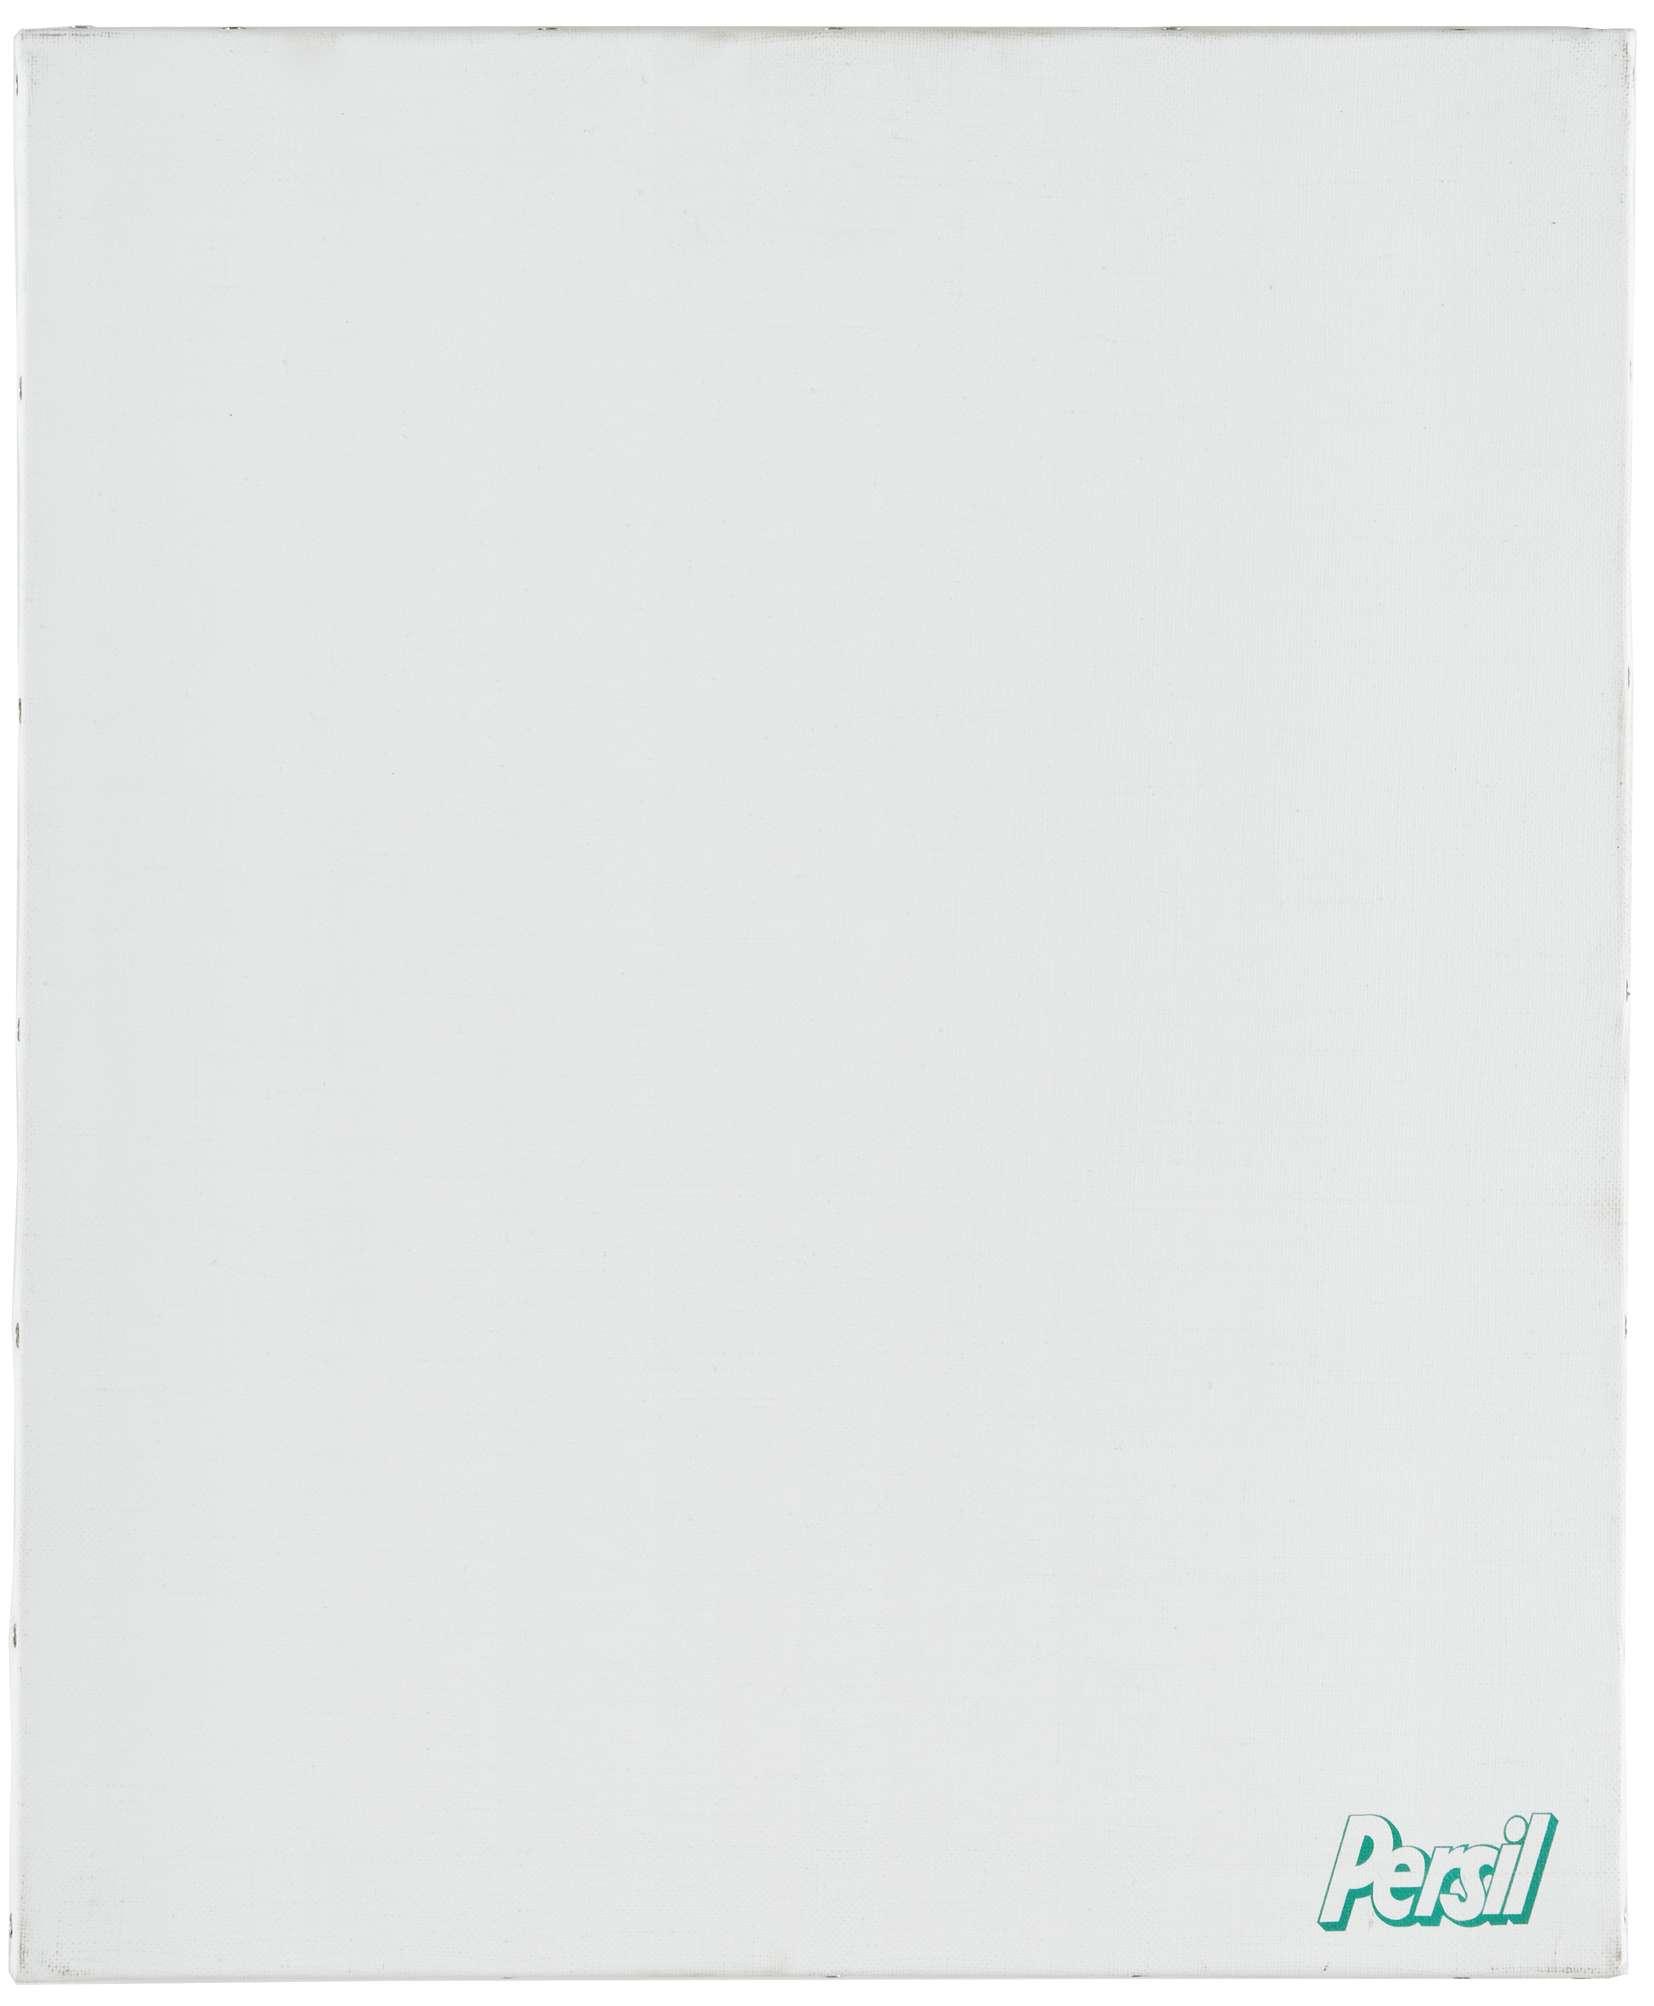 Présence Panchounette, Monochrome lessive (Persil), 1988 Acrylique et décalcomanie sur toile46 × 38 cm / 18 1/8 × 15  in.